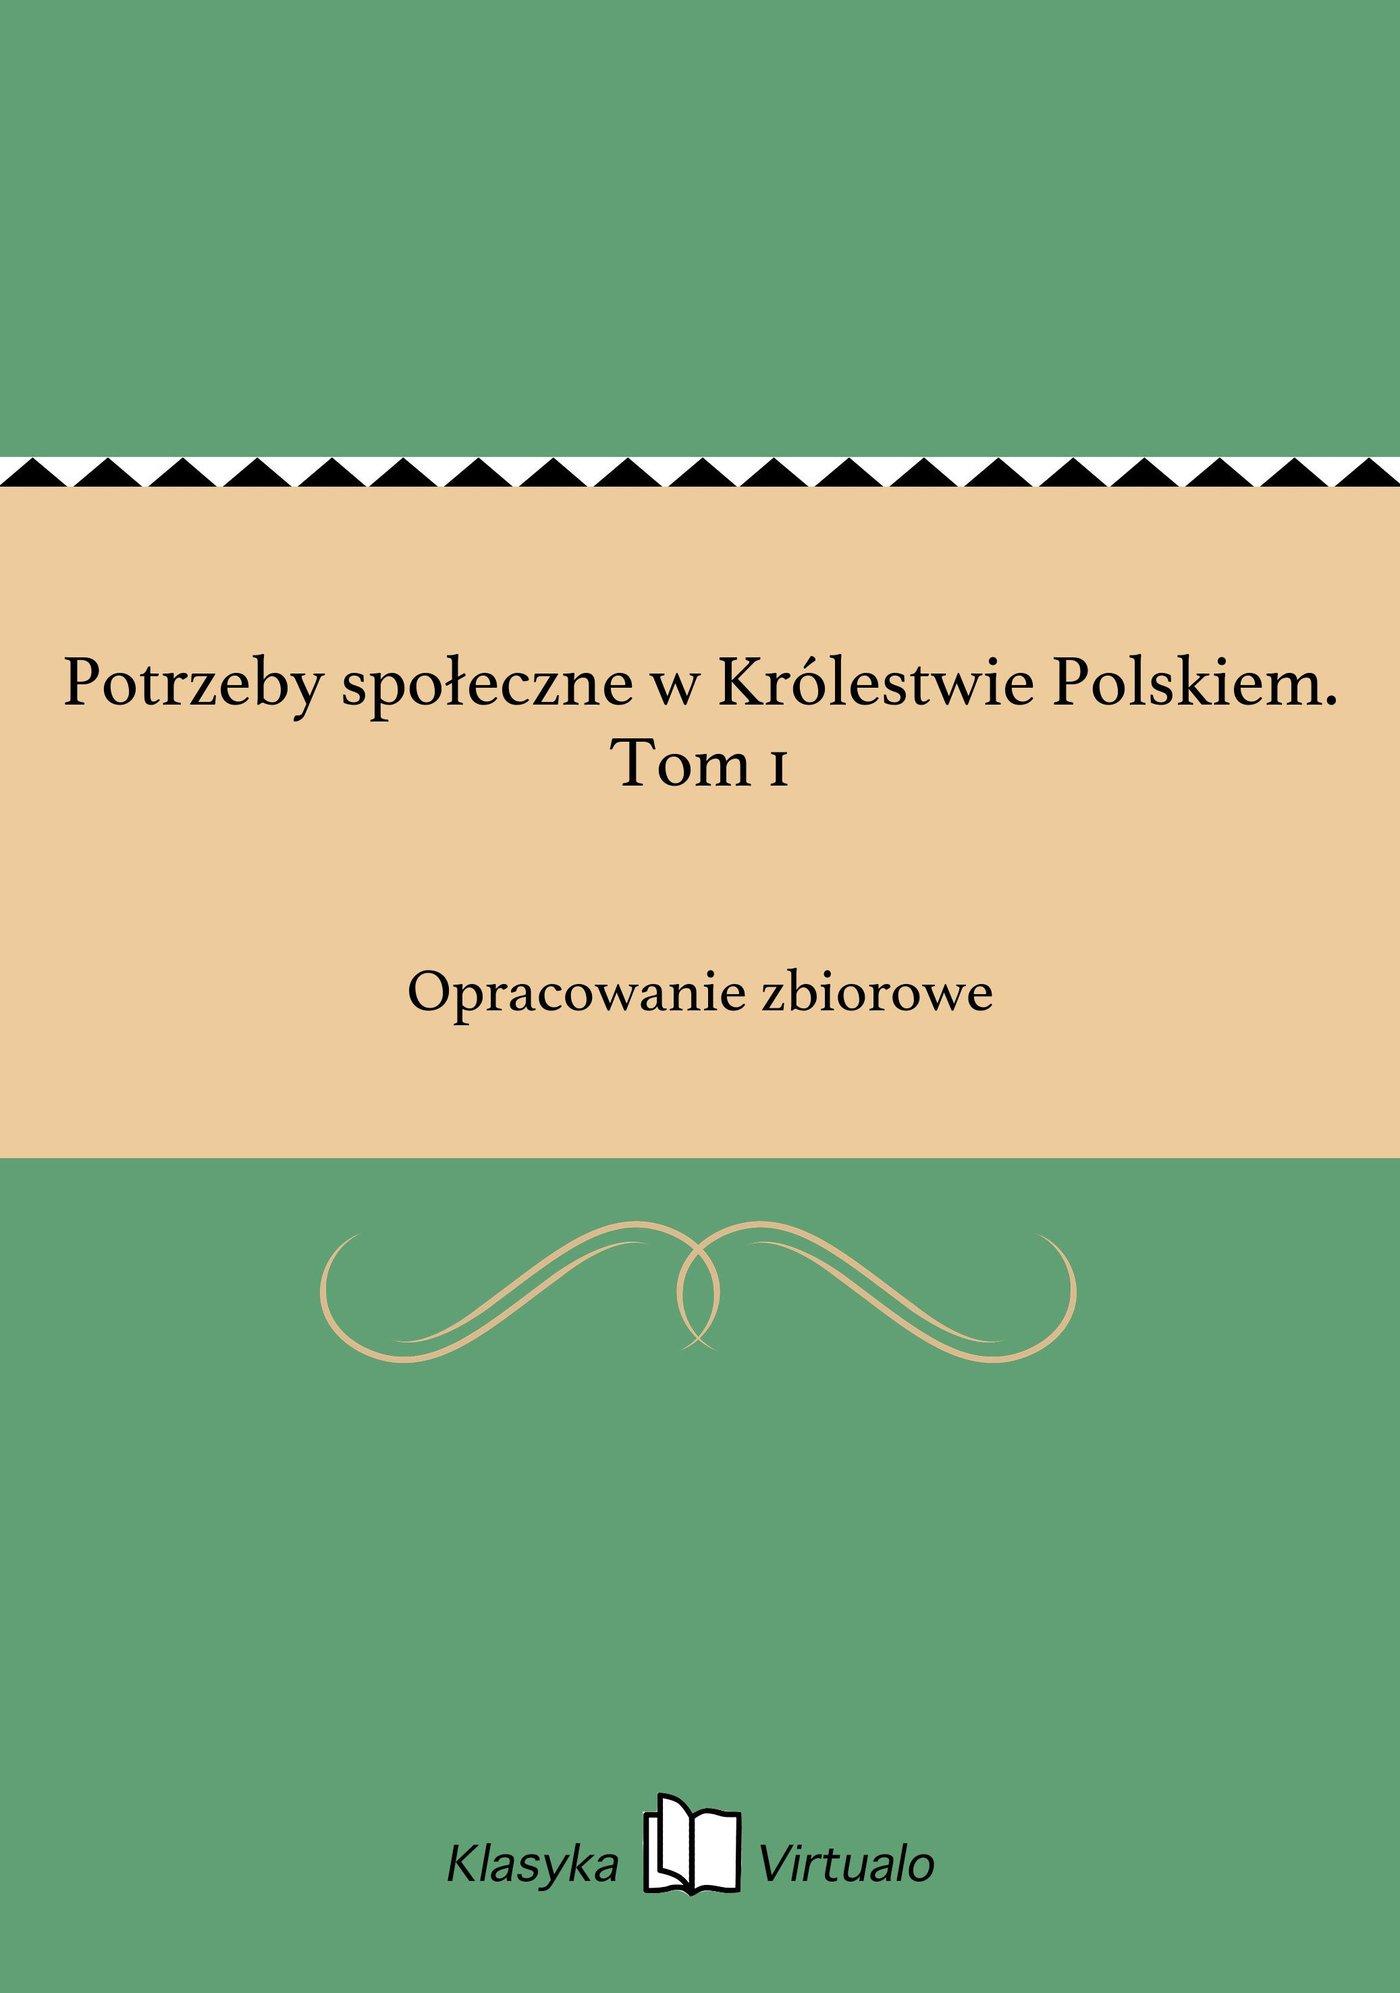 Potrzeby społeczne w Królestwie Polskiem. Tom 1 - Ebook (Książka na Kindle) do pobrania w formacie MOBI